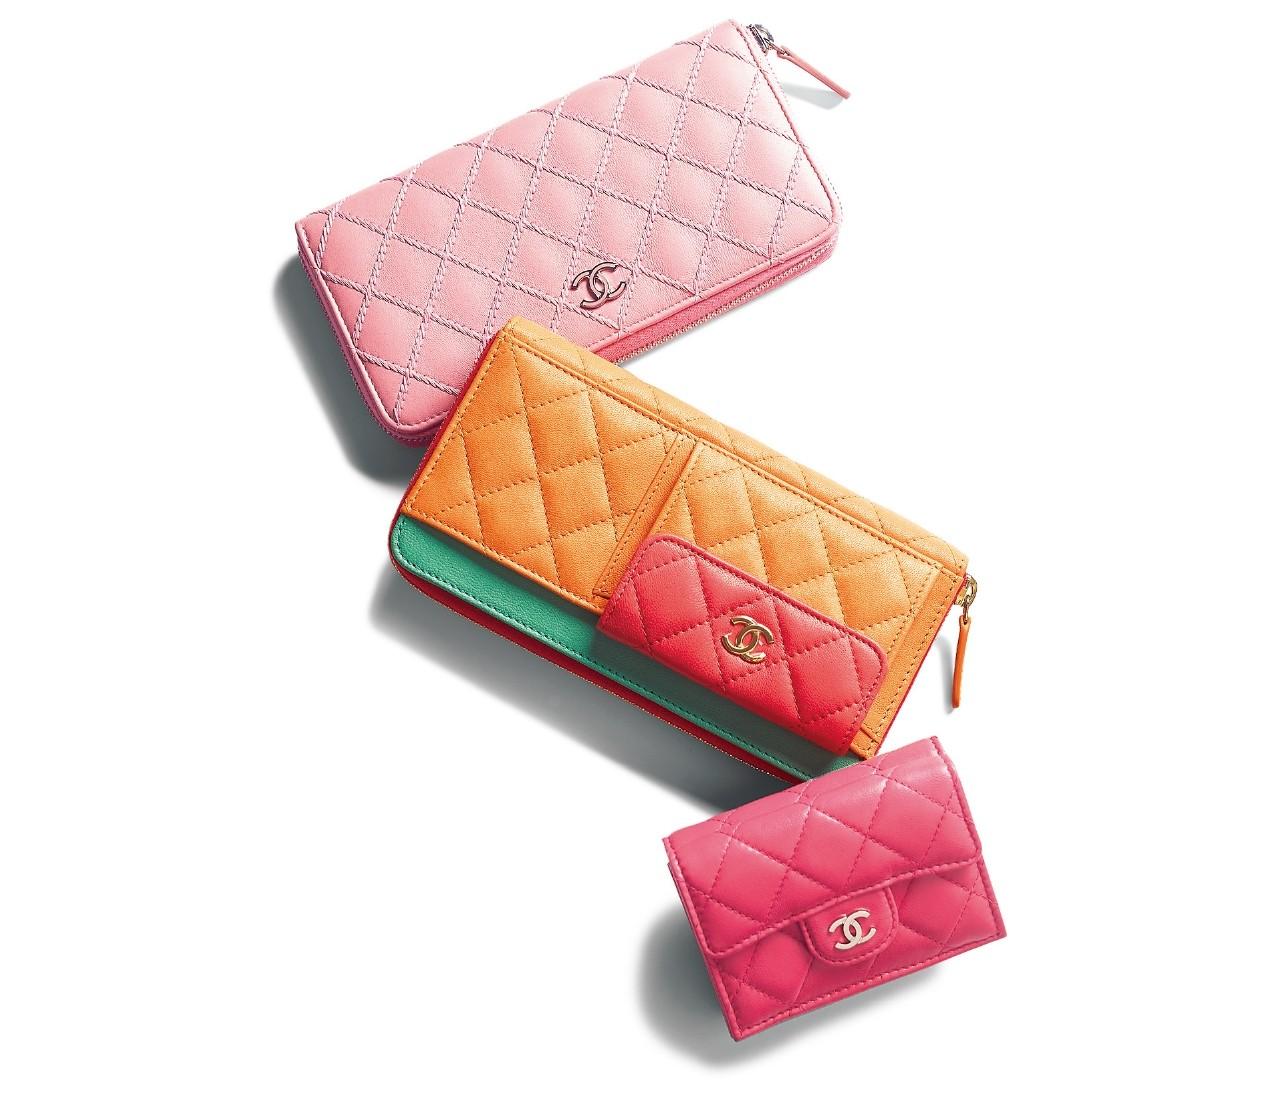 【クリスマスギフト】「CHANEL(シャネル)」はカラフルカラーの財布にときめいて♡